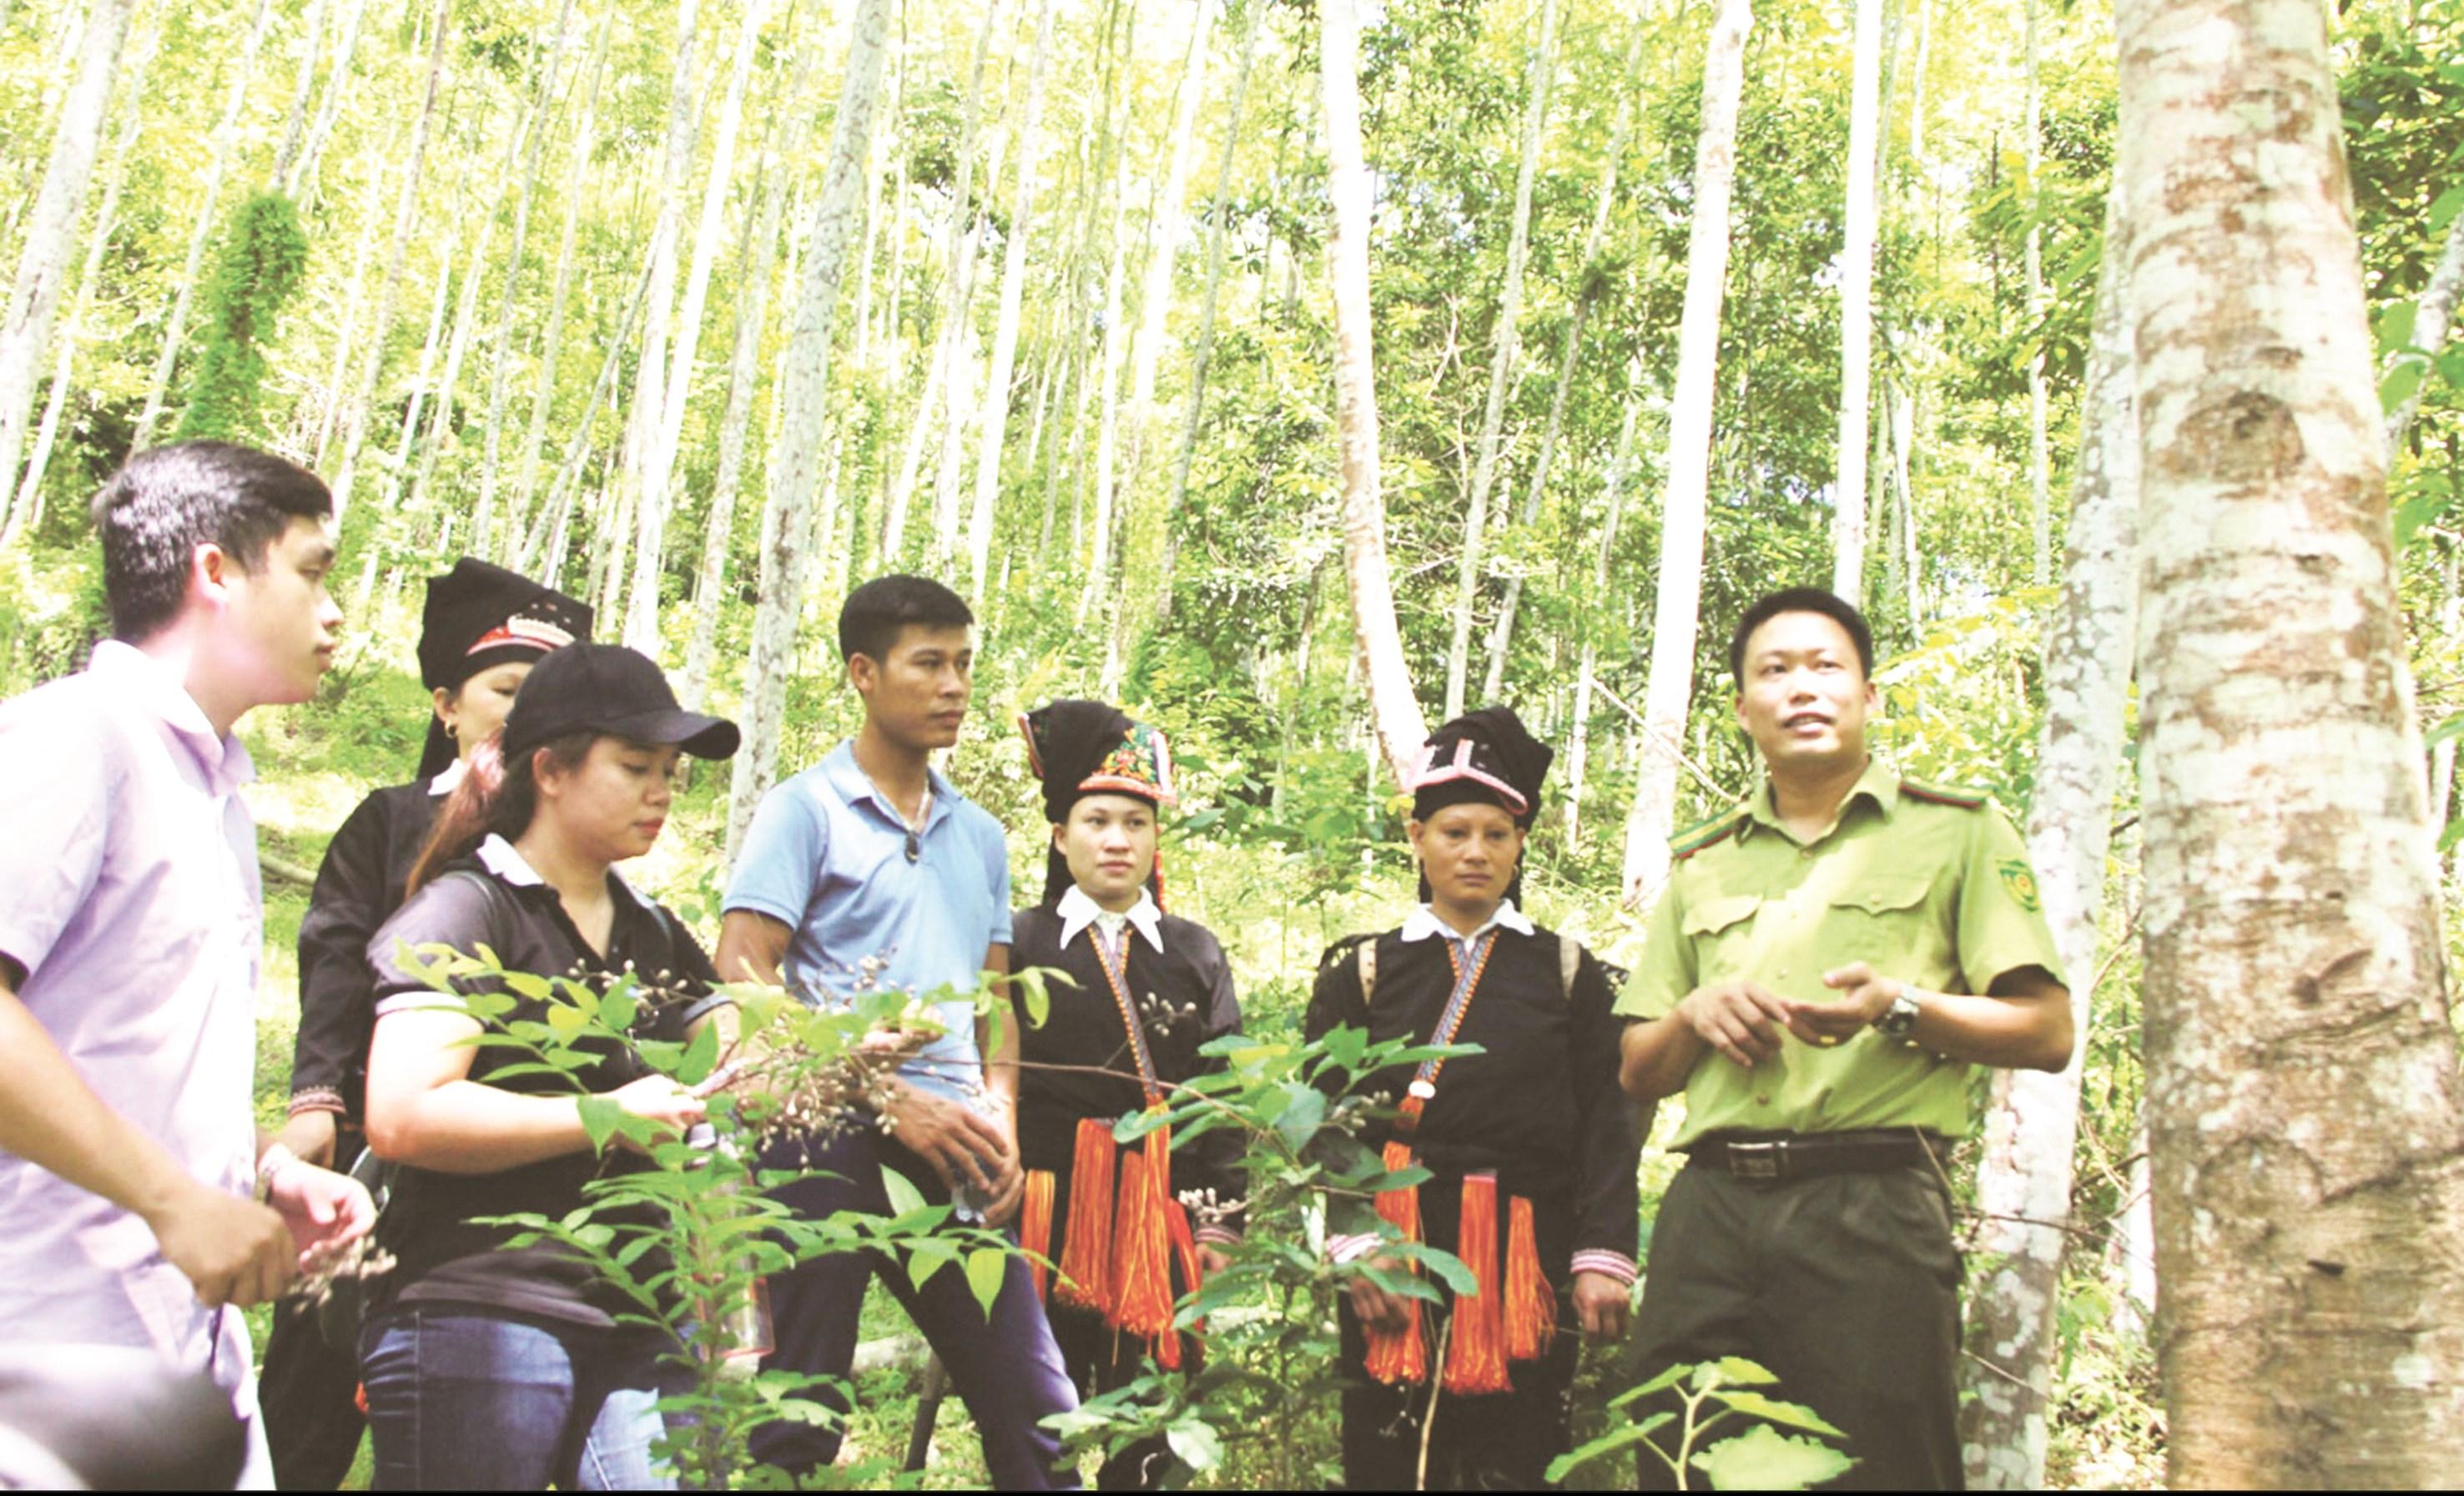 Cần có chính sách đầu tư về bảo vệ và phát triển rừng và lâm sản thương mại phù hợp, bảo đảm thu hút đầu tư phát triển rừng và thu nhập cho người dân trồng rừng. (Ảnh tư liệu)